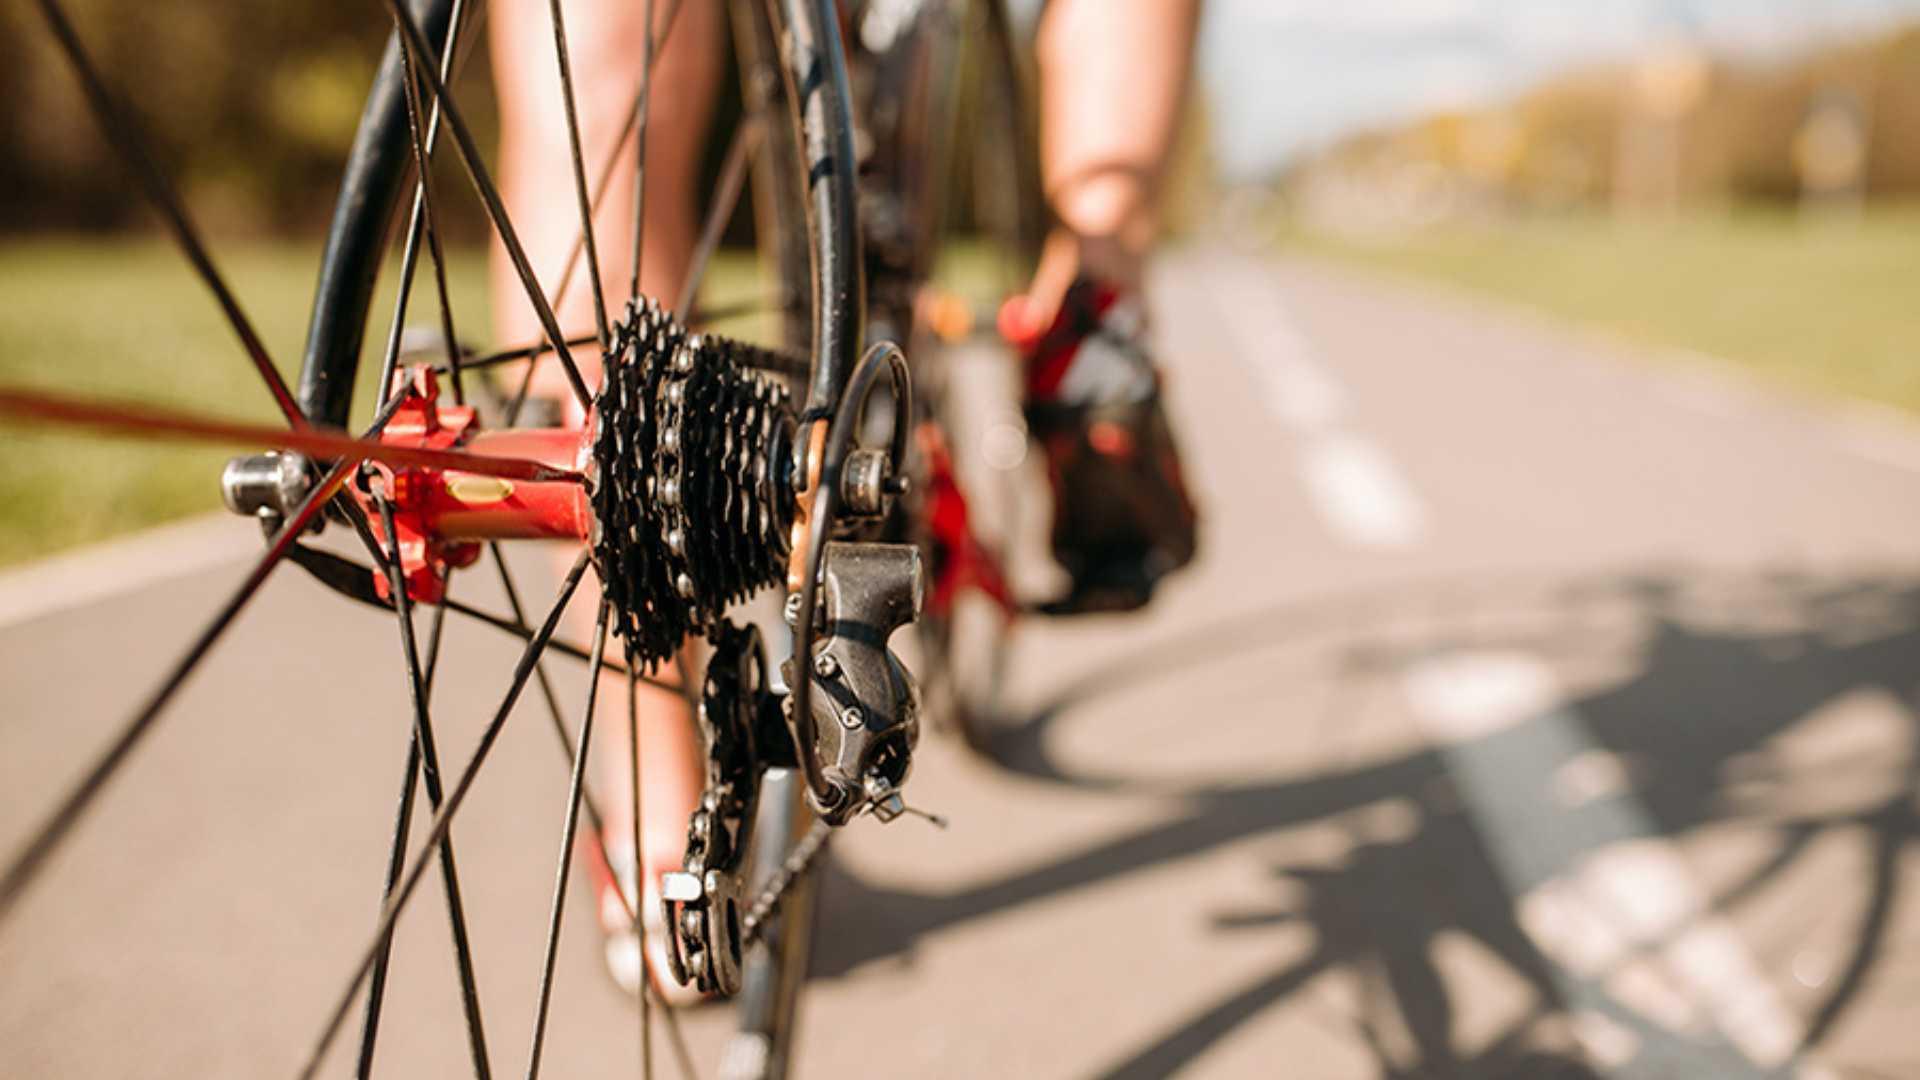 Cyclisme sur route facile